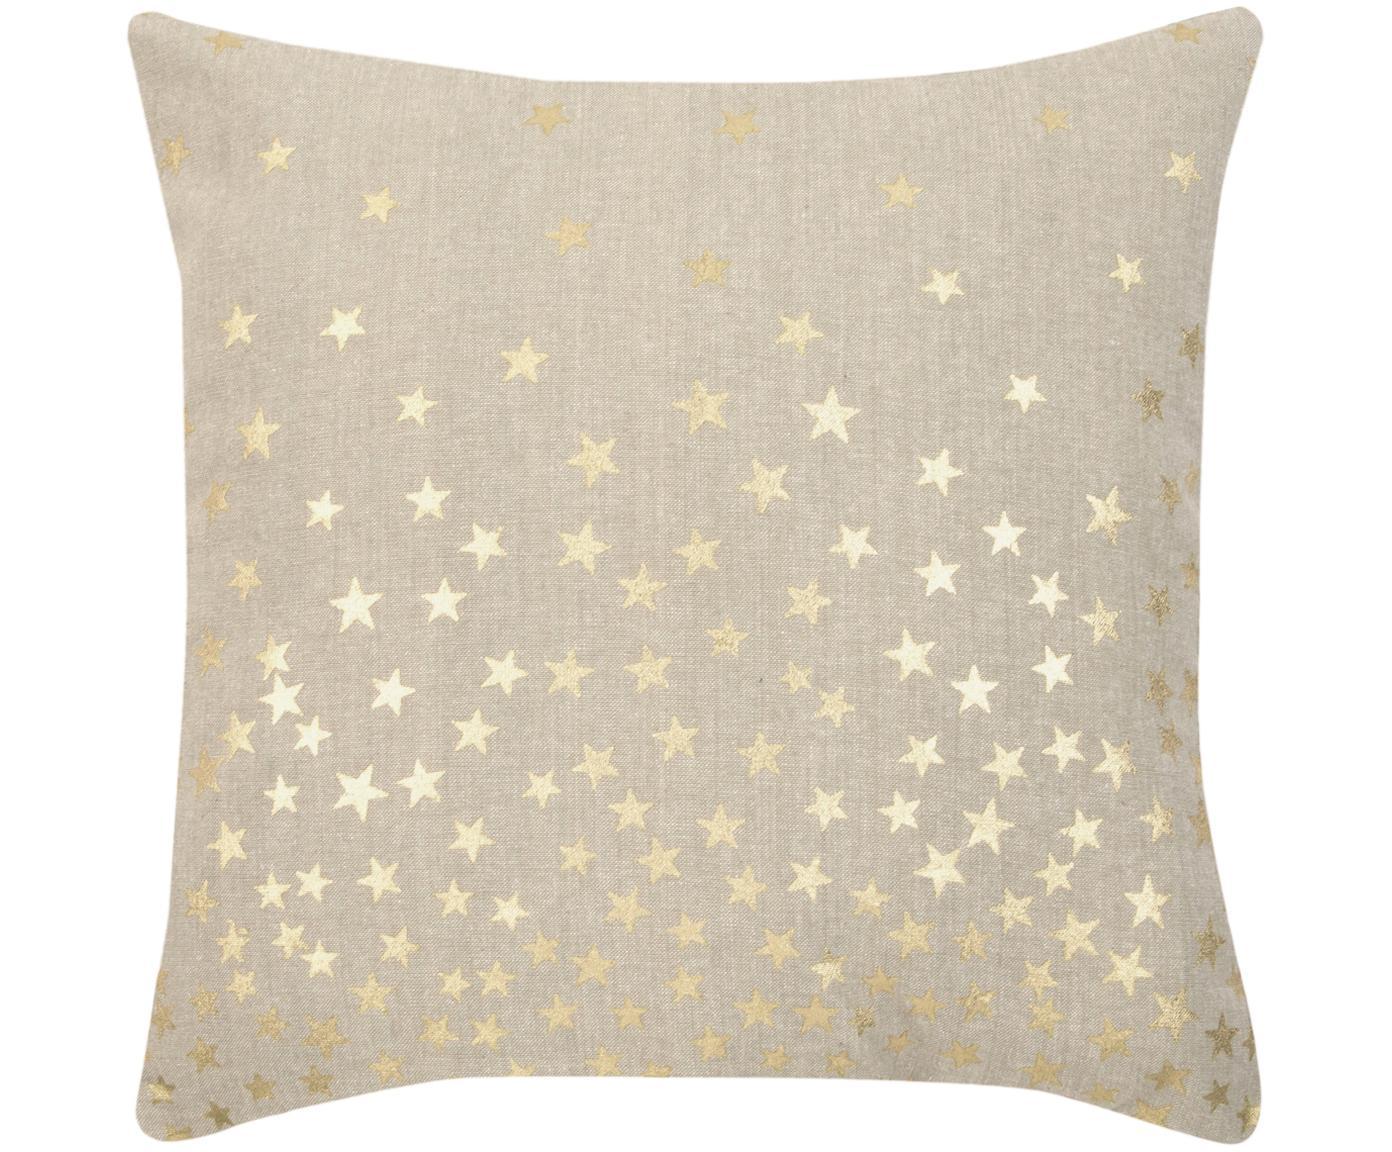 Kussenhoes Goldstar, 100% katoen, Beige, goudkleurig, 45 x 45 cm